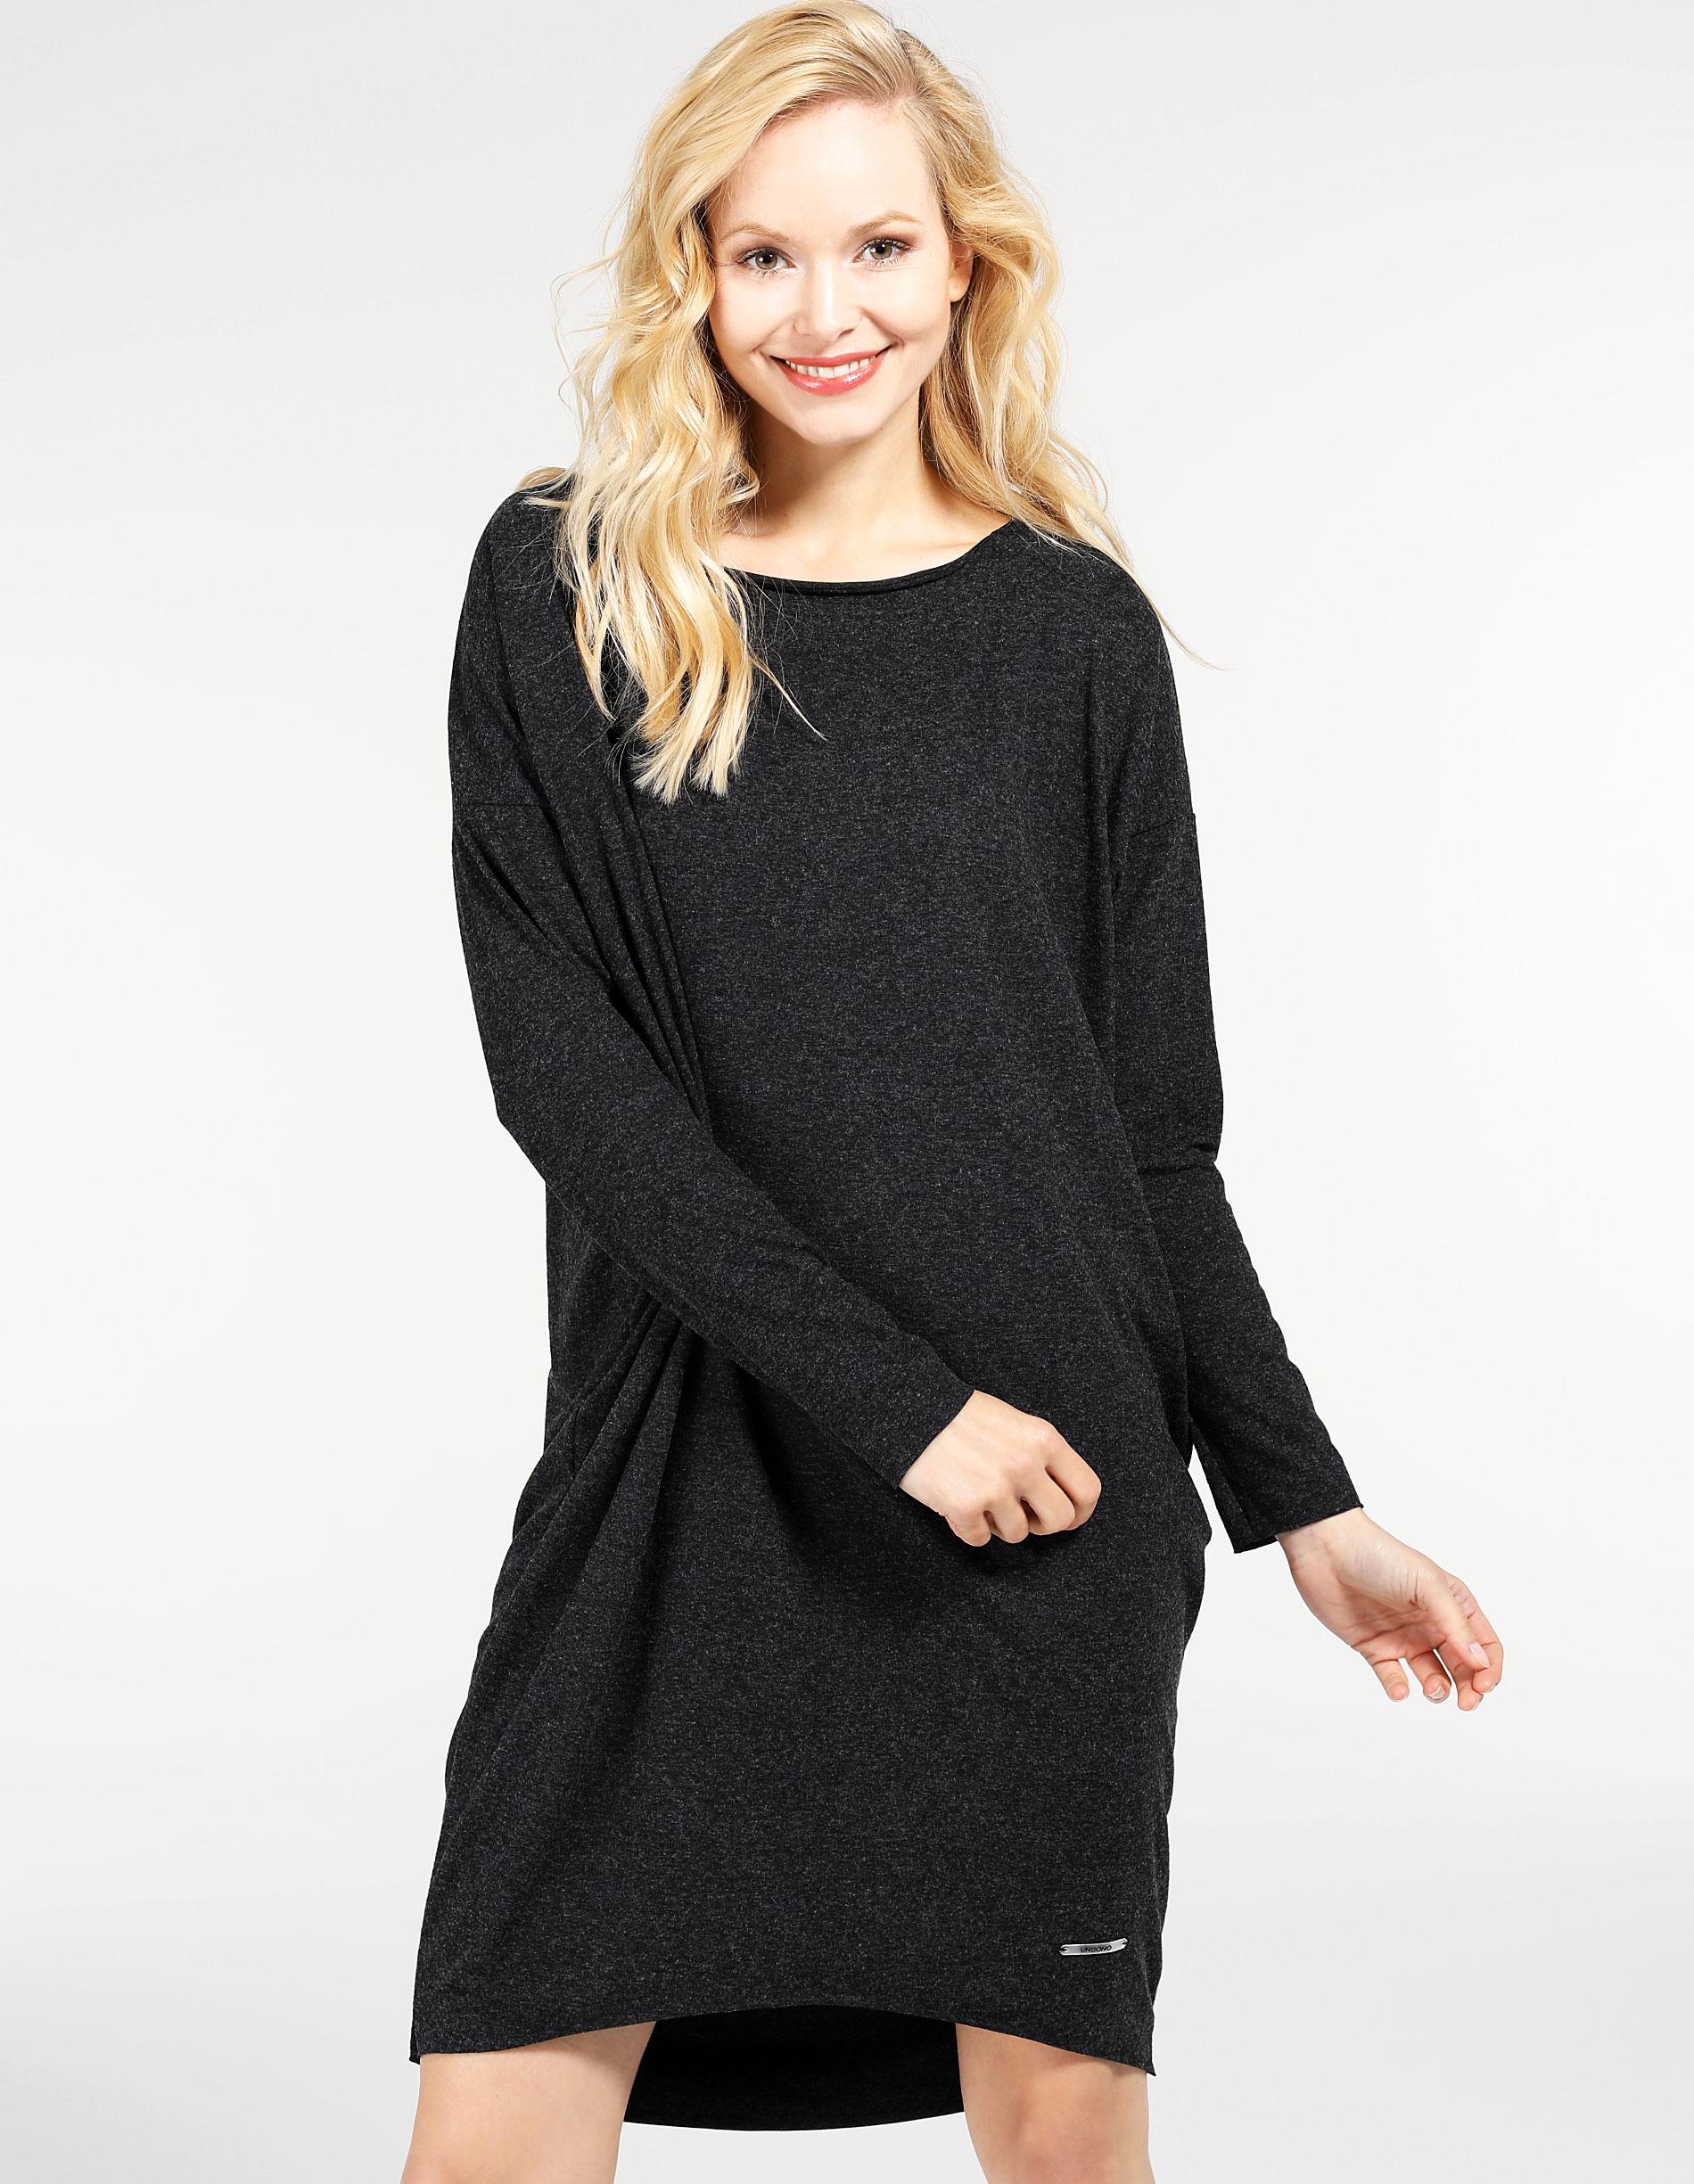 Sukienka - 30-84223VG N7 - Unisono